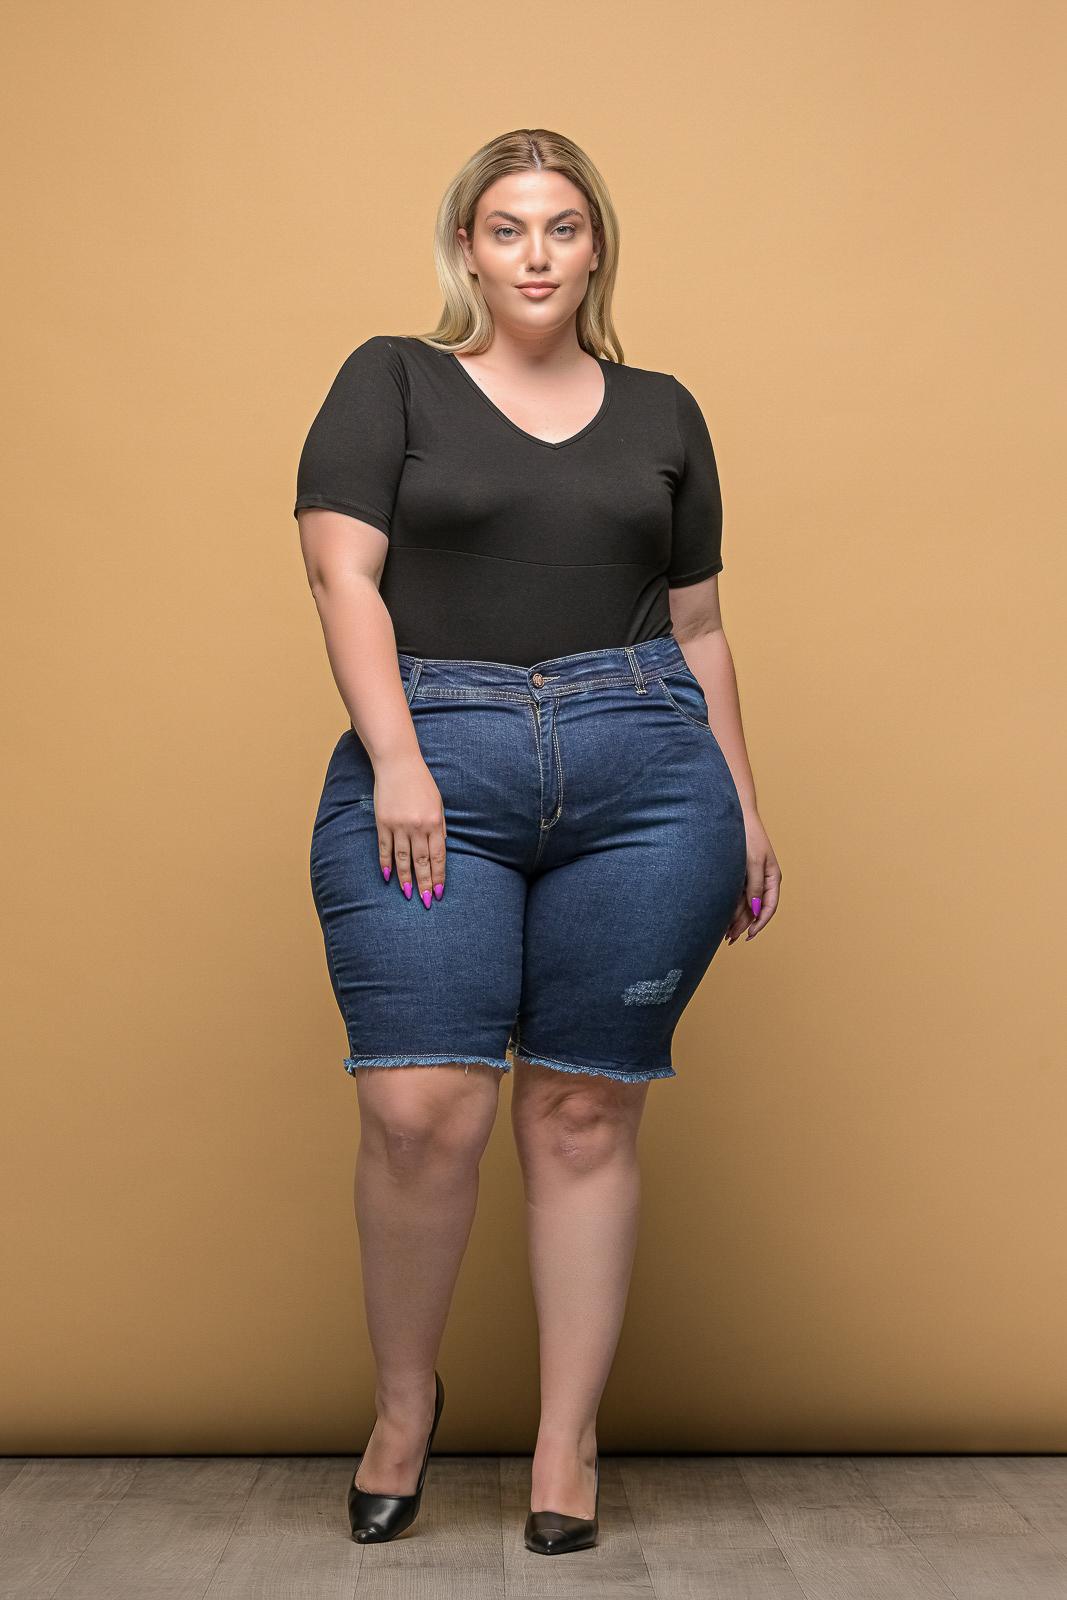 Τζιν σορτς μεγάλα μεγέθη +Psx με γδαρσίματα και ξέφτια στο τελείωμα .Στο eshop μας θα βρείτε οικονομικά γυναίκεια ρούχα σε μεγάλα μεγέθη και υπερμεγέθη.